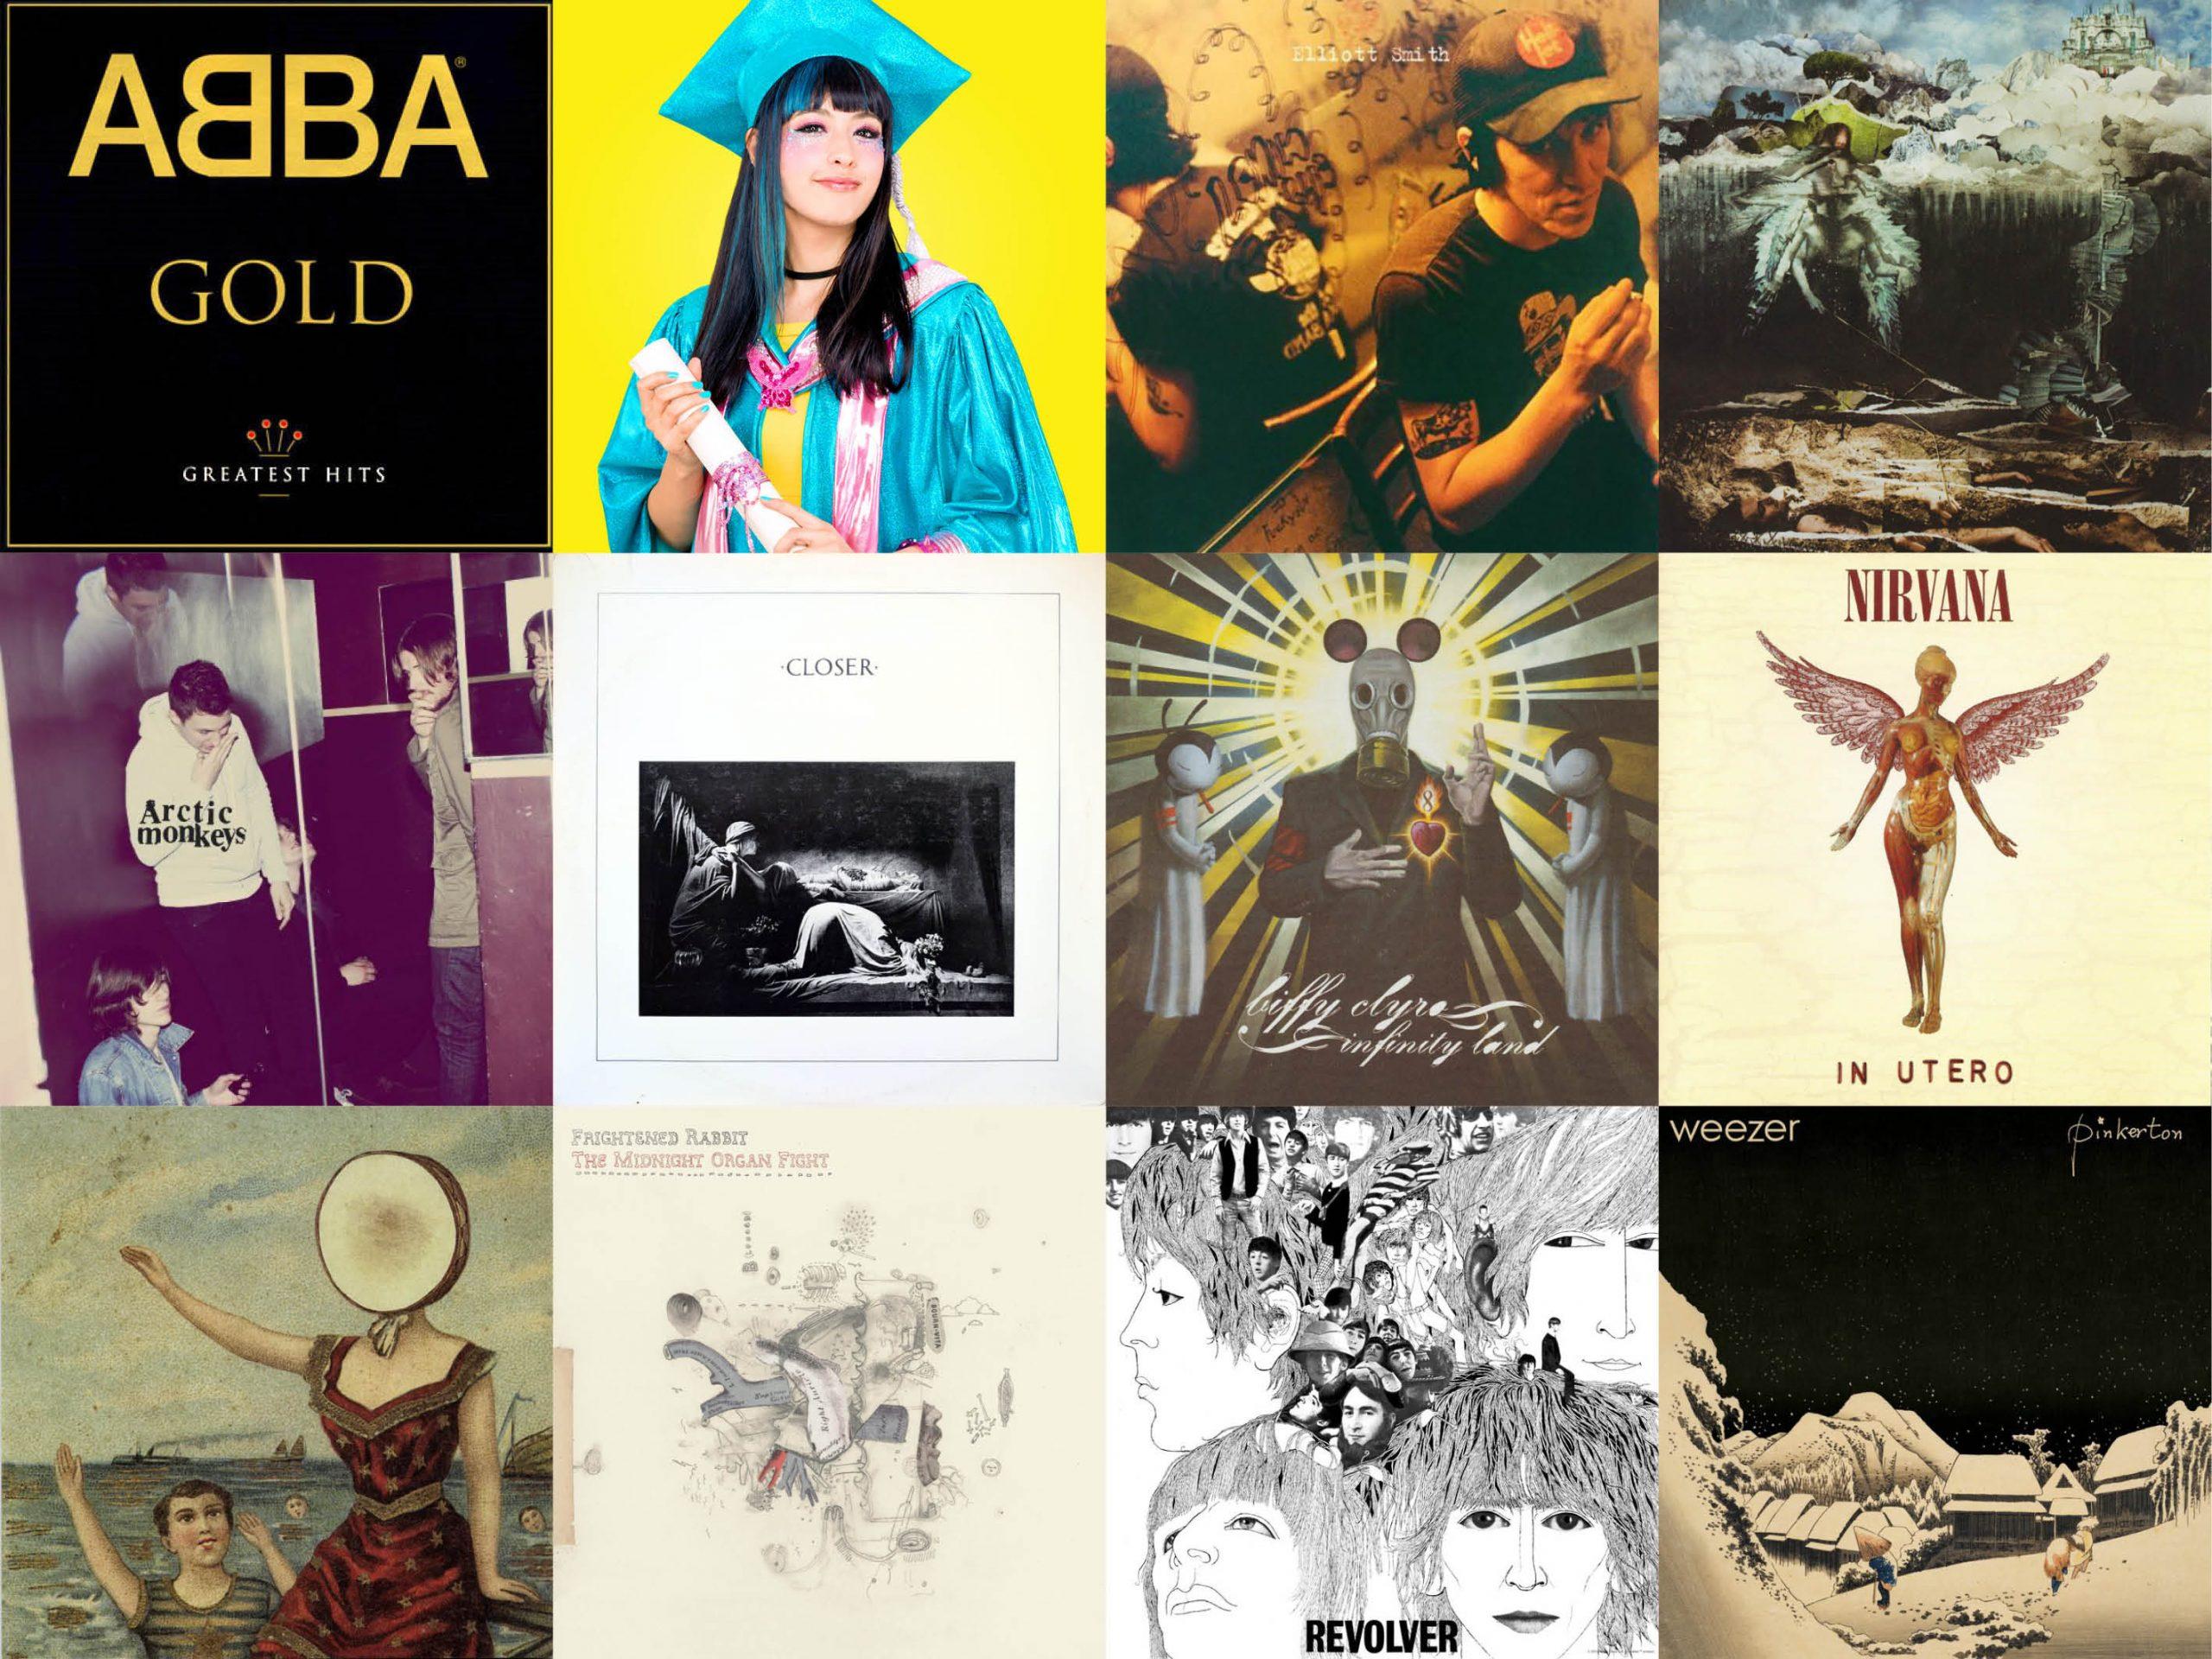 Dales' albums